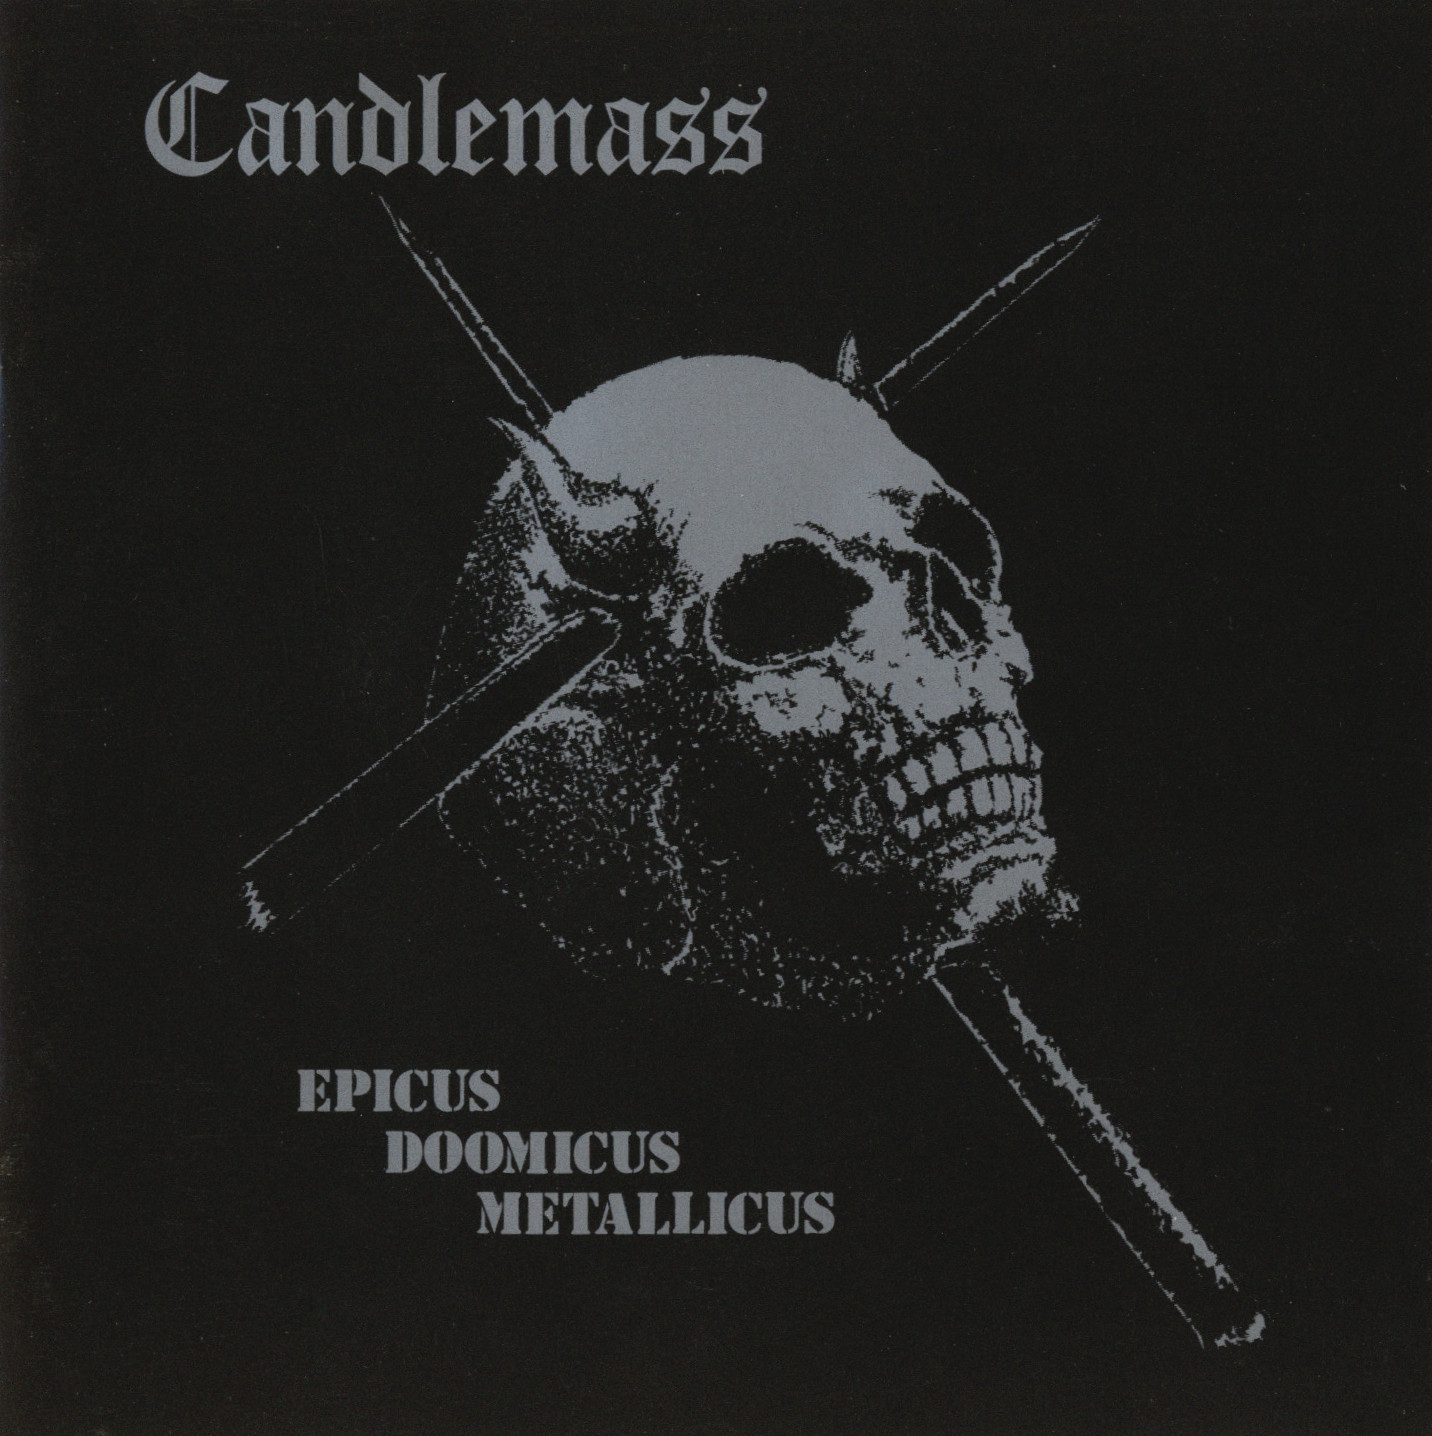 CD CANDLEMASS BAIXAR